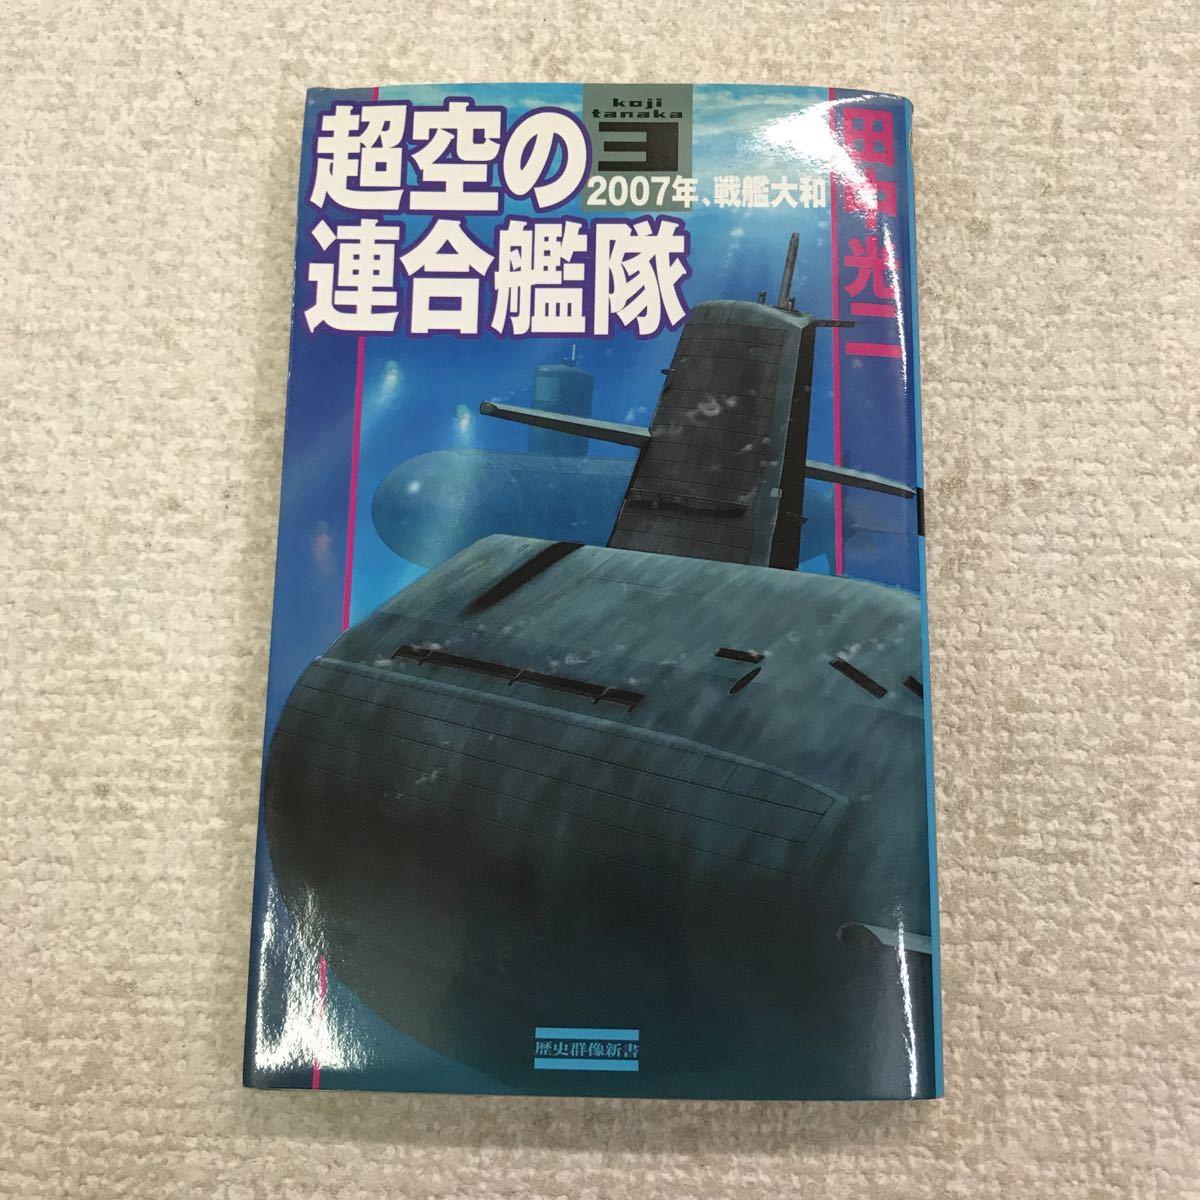 超空の連合艦隊 3 2007年、戦艦大和 田中浩二 歴史群像新書_画像1